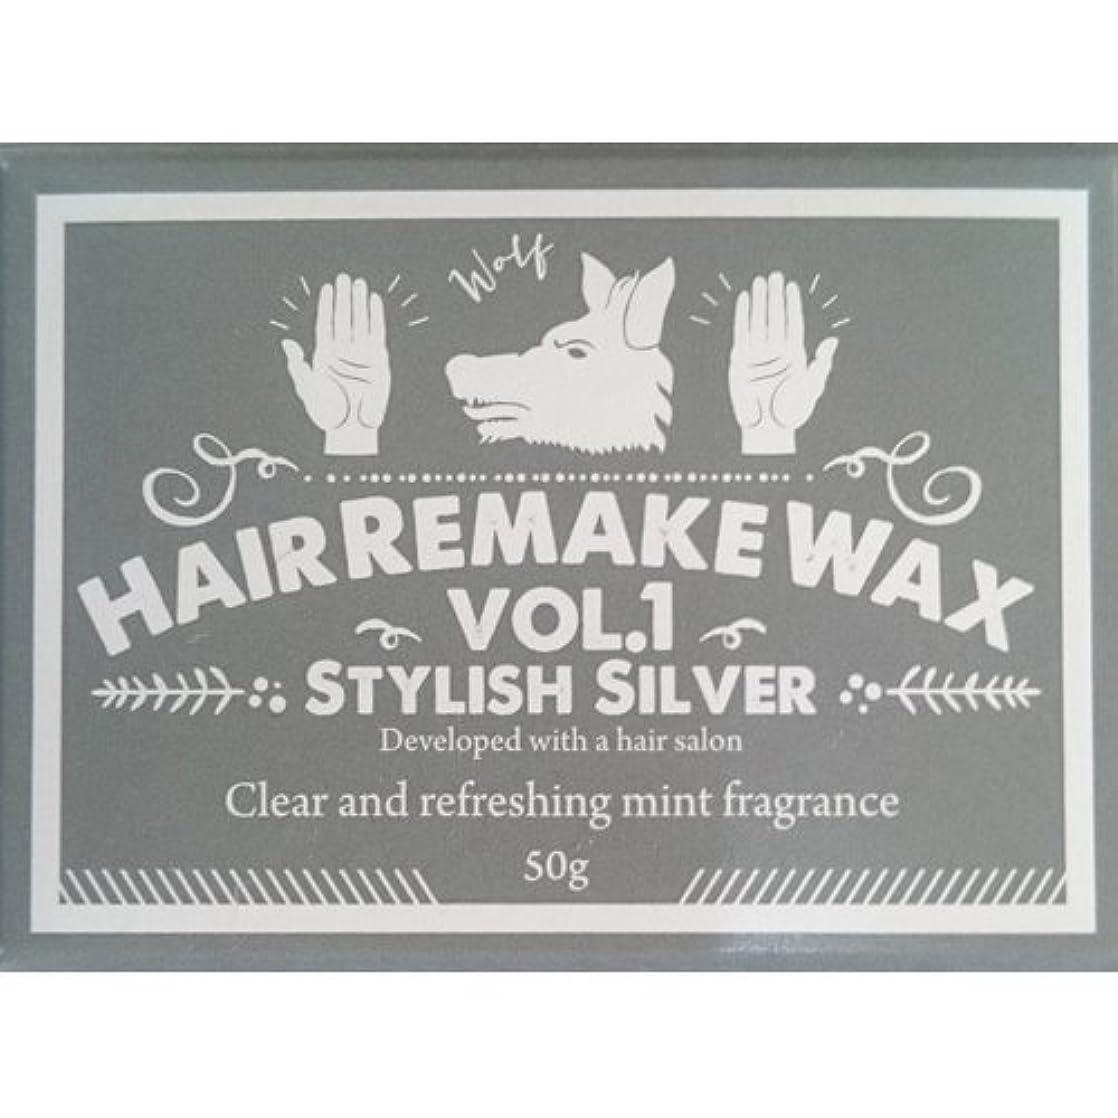 同種の起きろ二度パーティー 変装 銀髪用 Hair Remake(ヘアーリメイクワックス)WAX Vol.1 スタイリッシュシルバー 50g